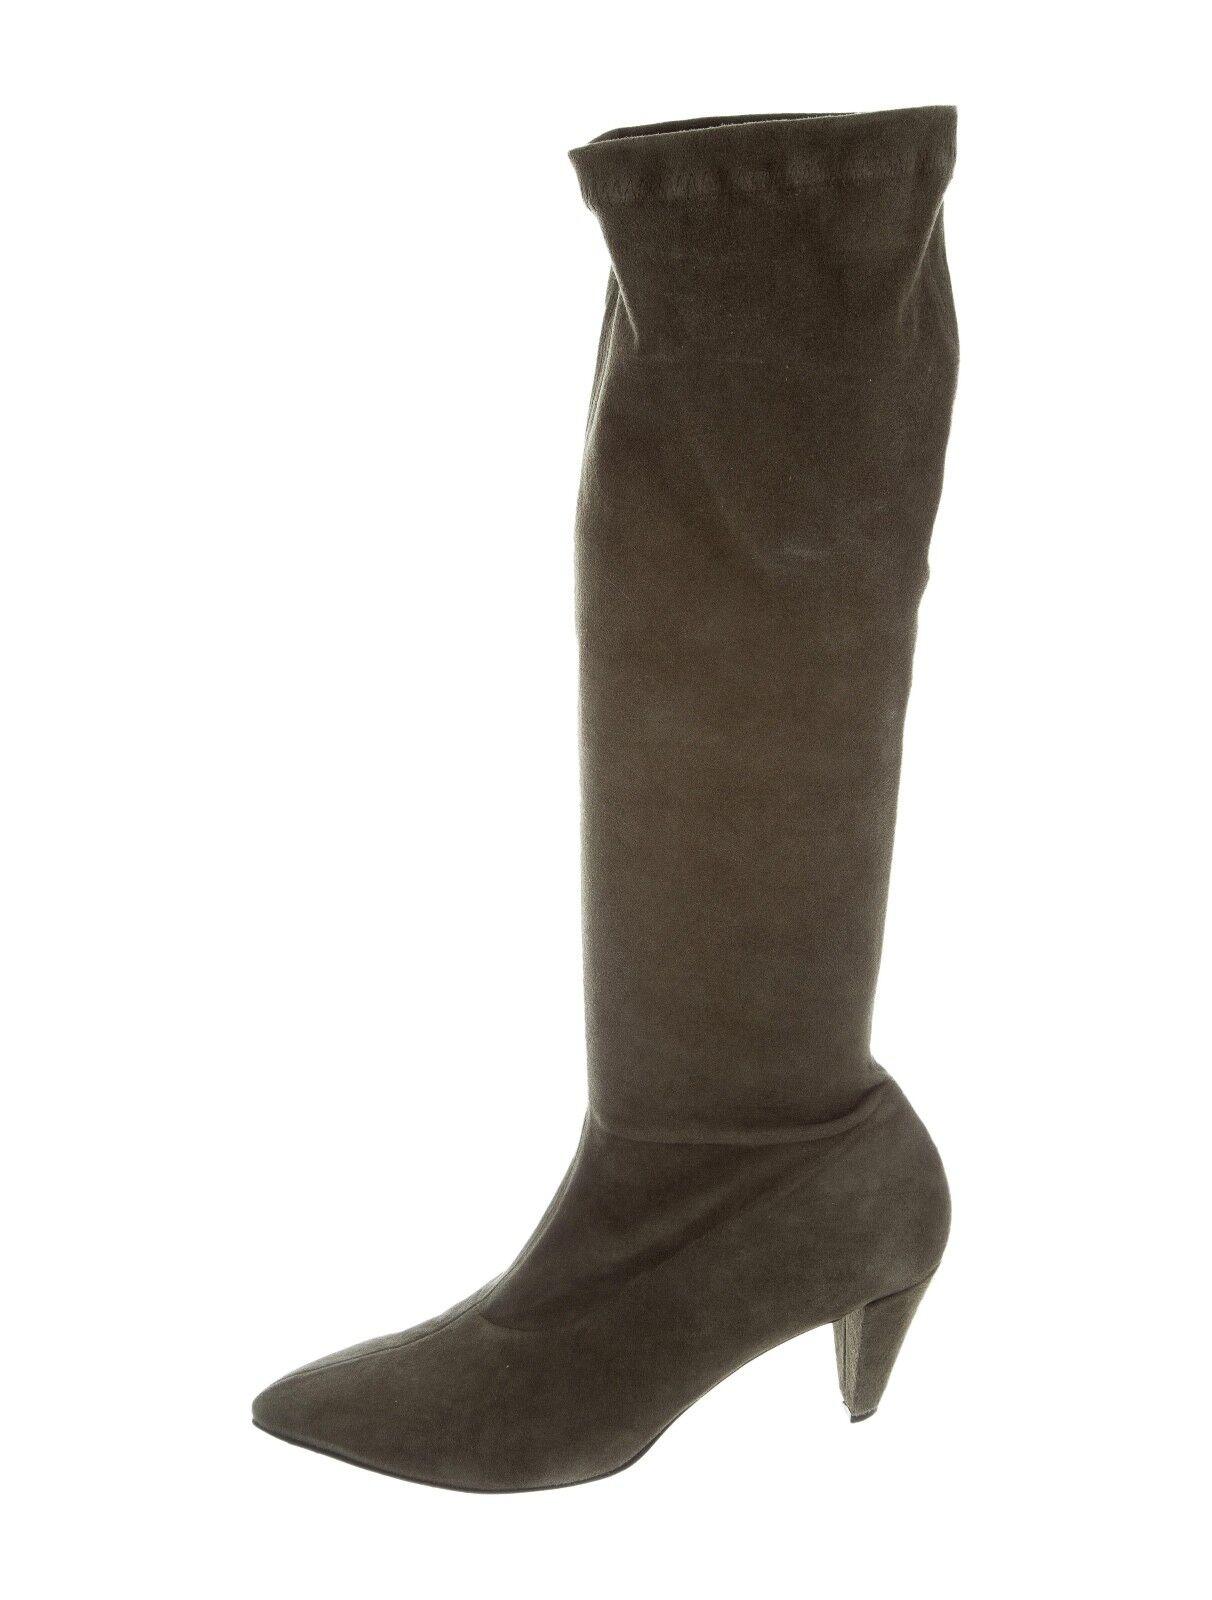 Robert Clergerie Suede Knee High Boots 7 Green Grey Heel